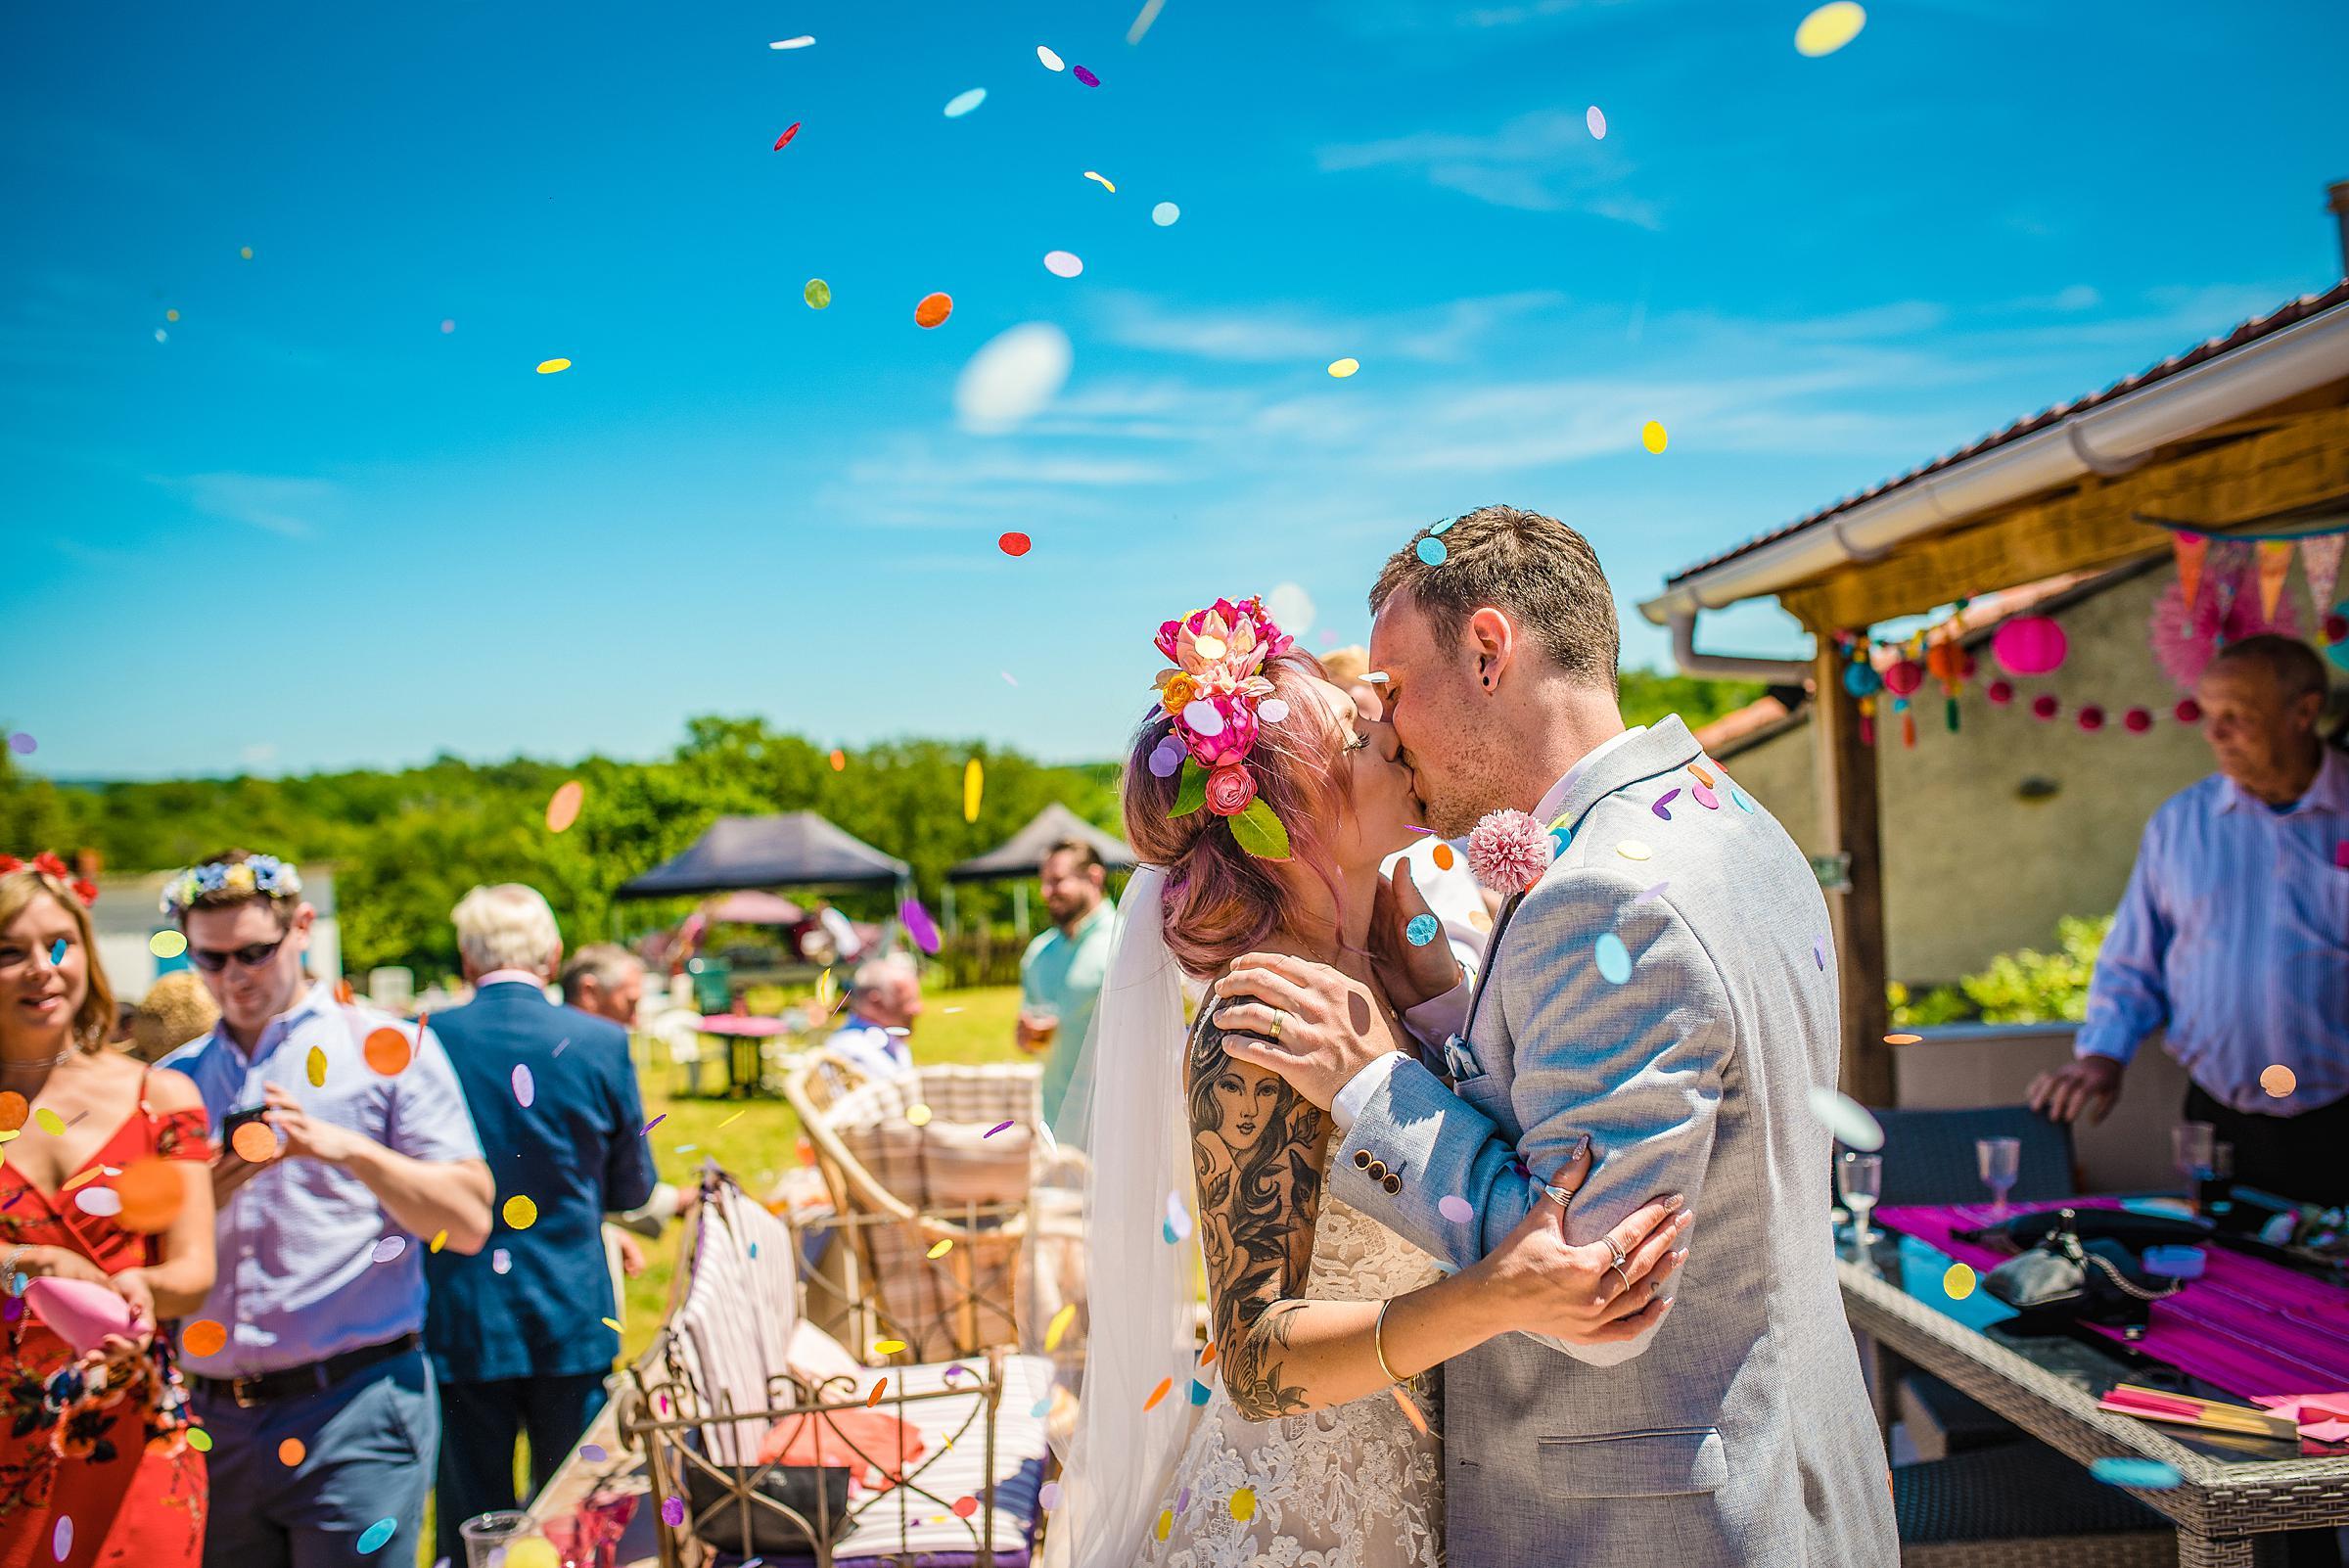 Back Garden Festival Wedding in France - Music Festival